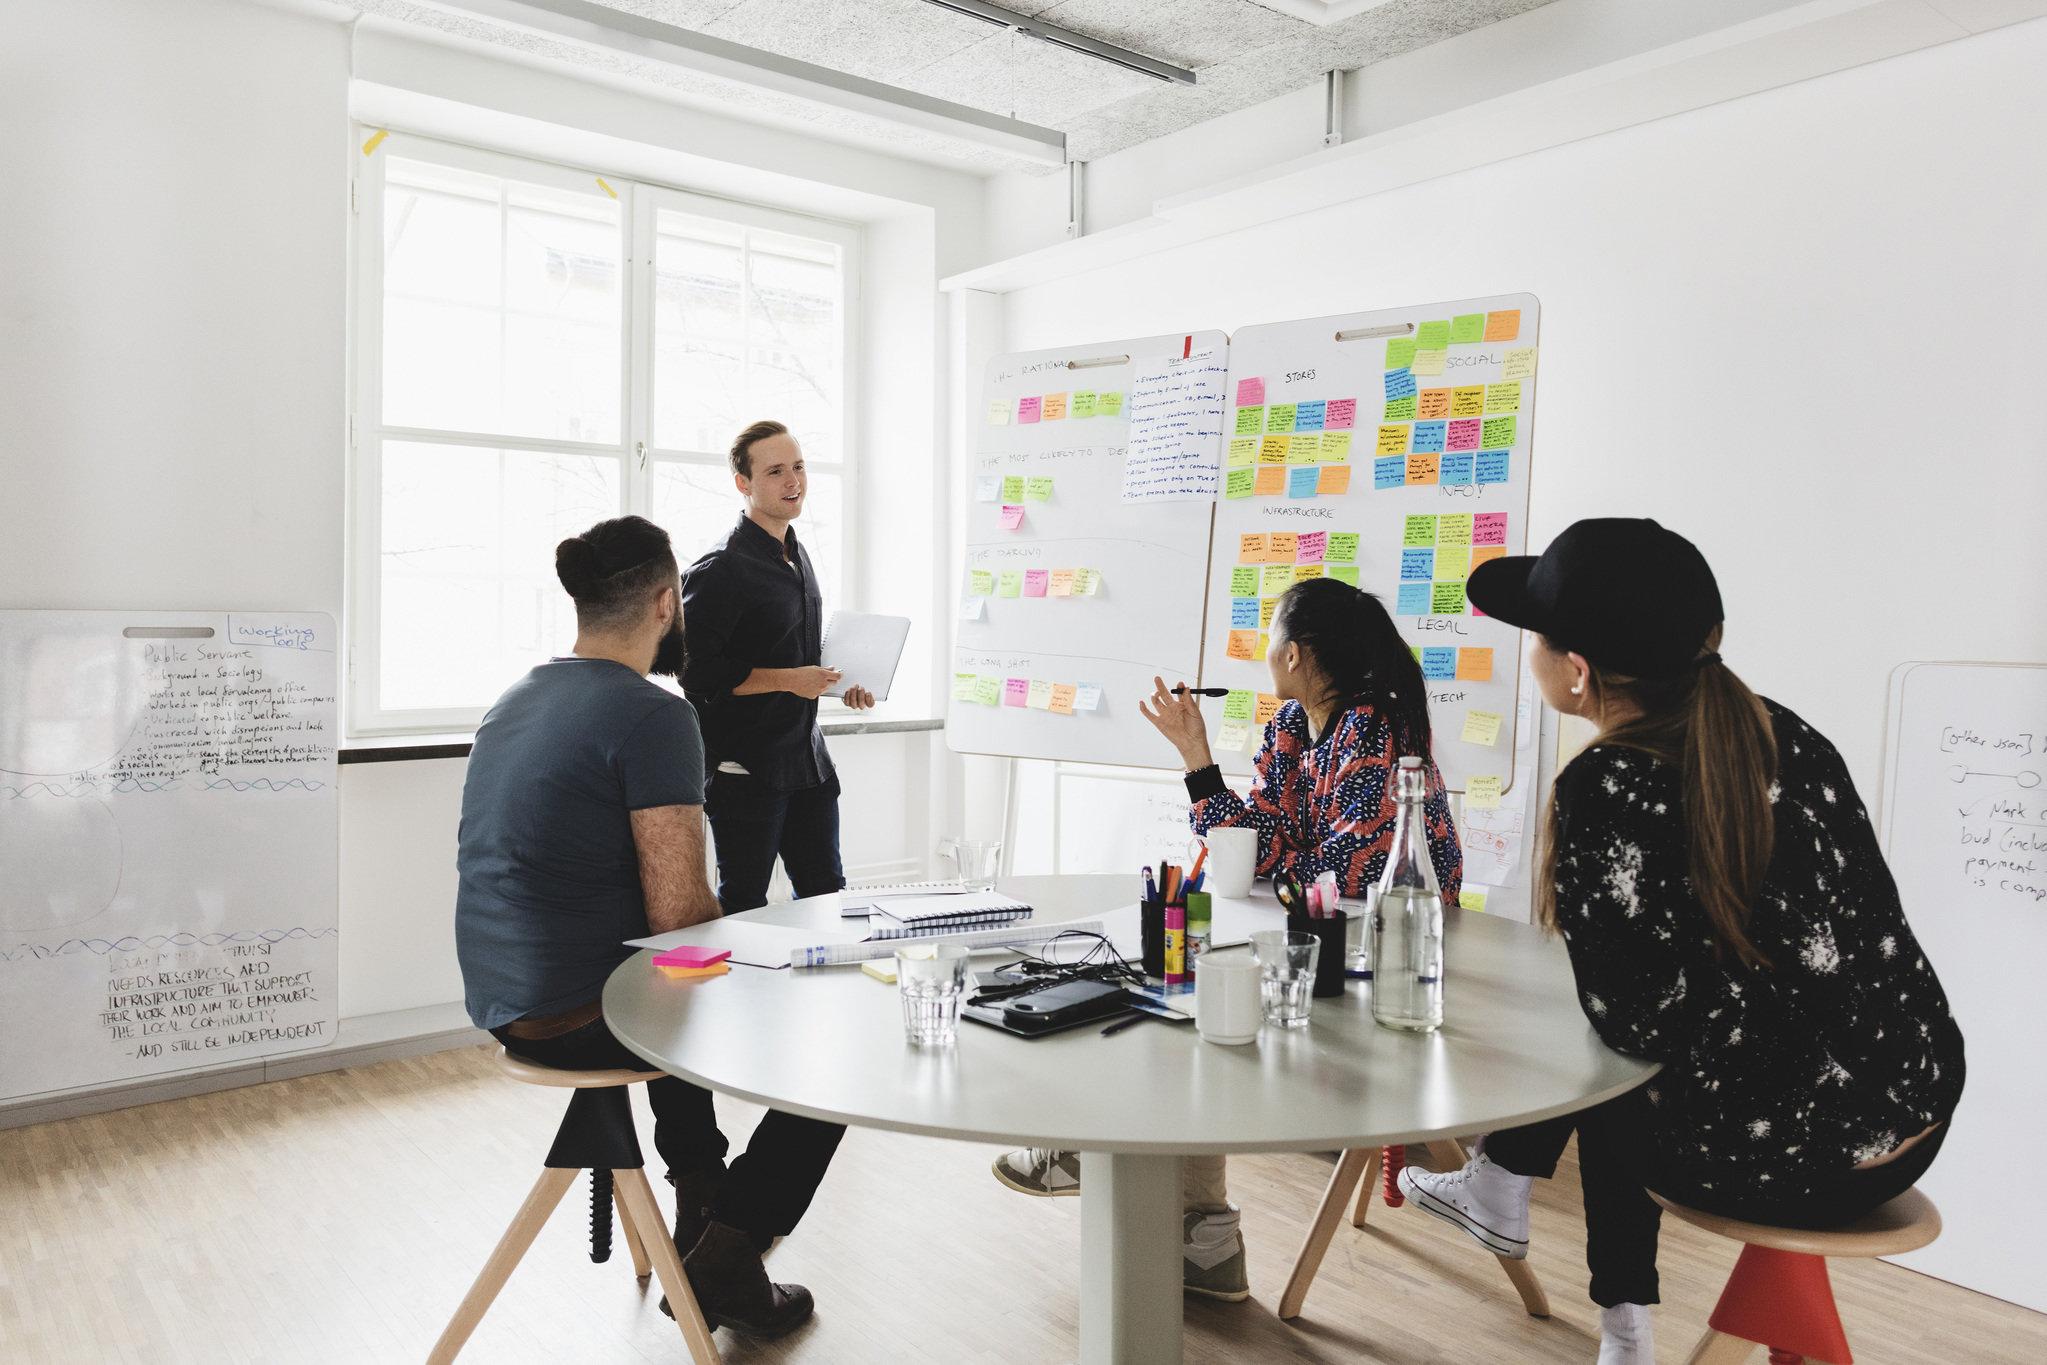 6 puntos en los que un emprendedor digital debe enfocarse para hacer crecer su negogio